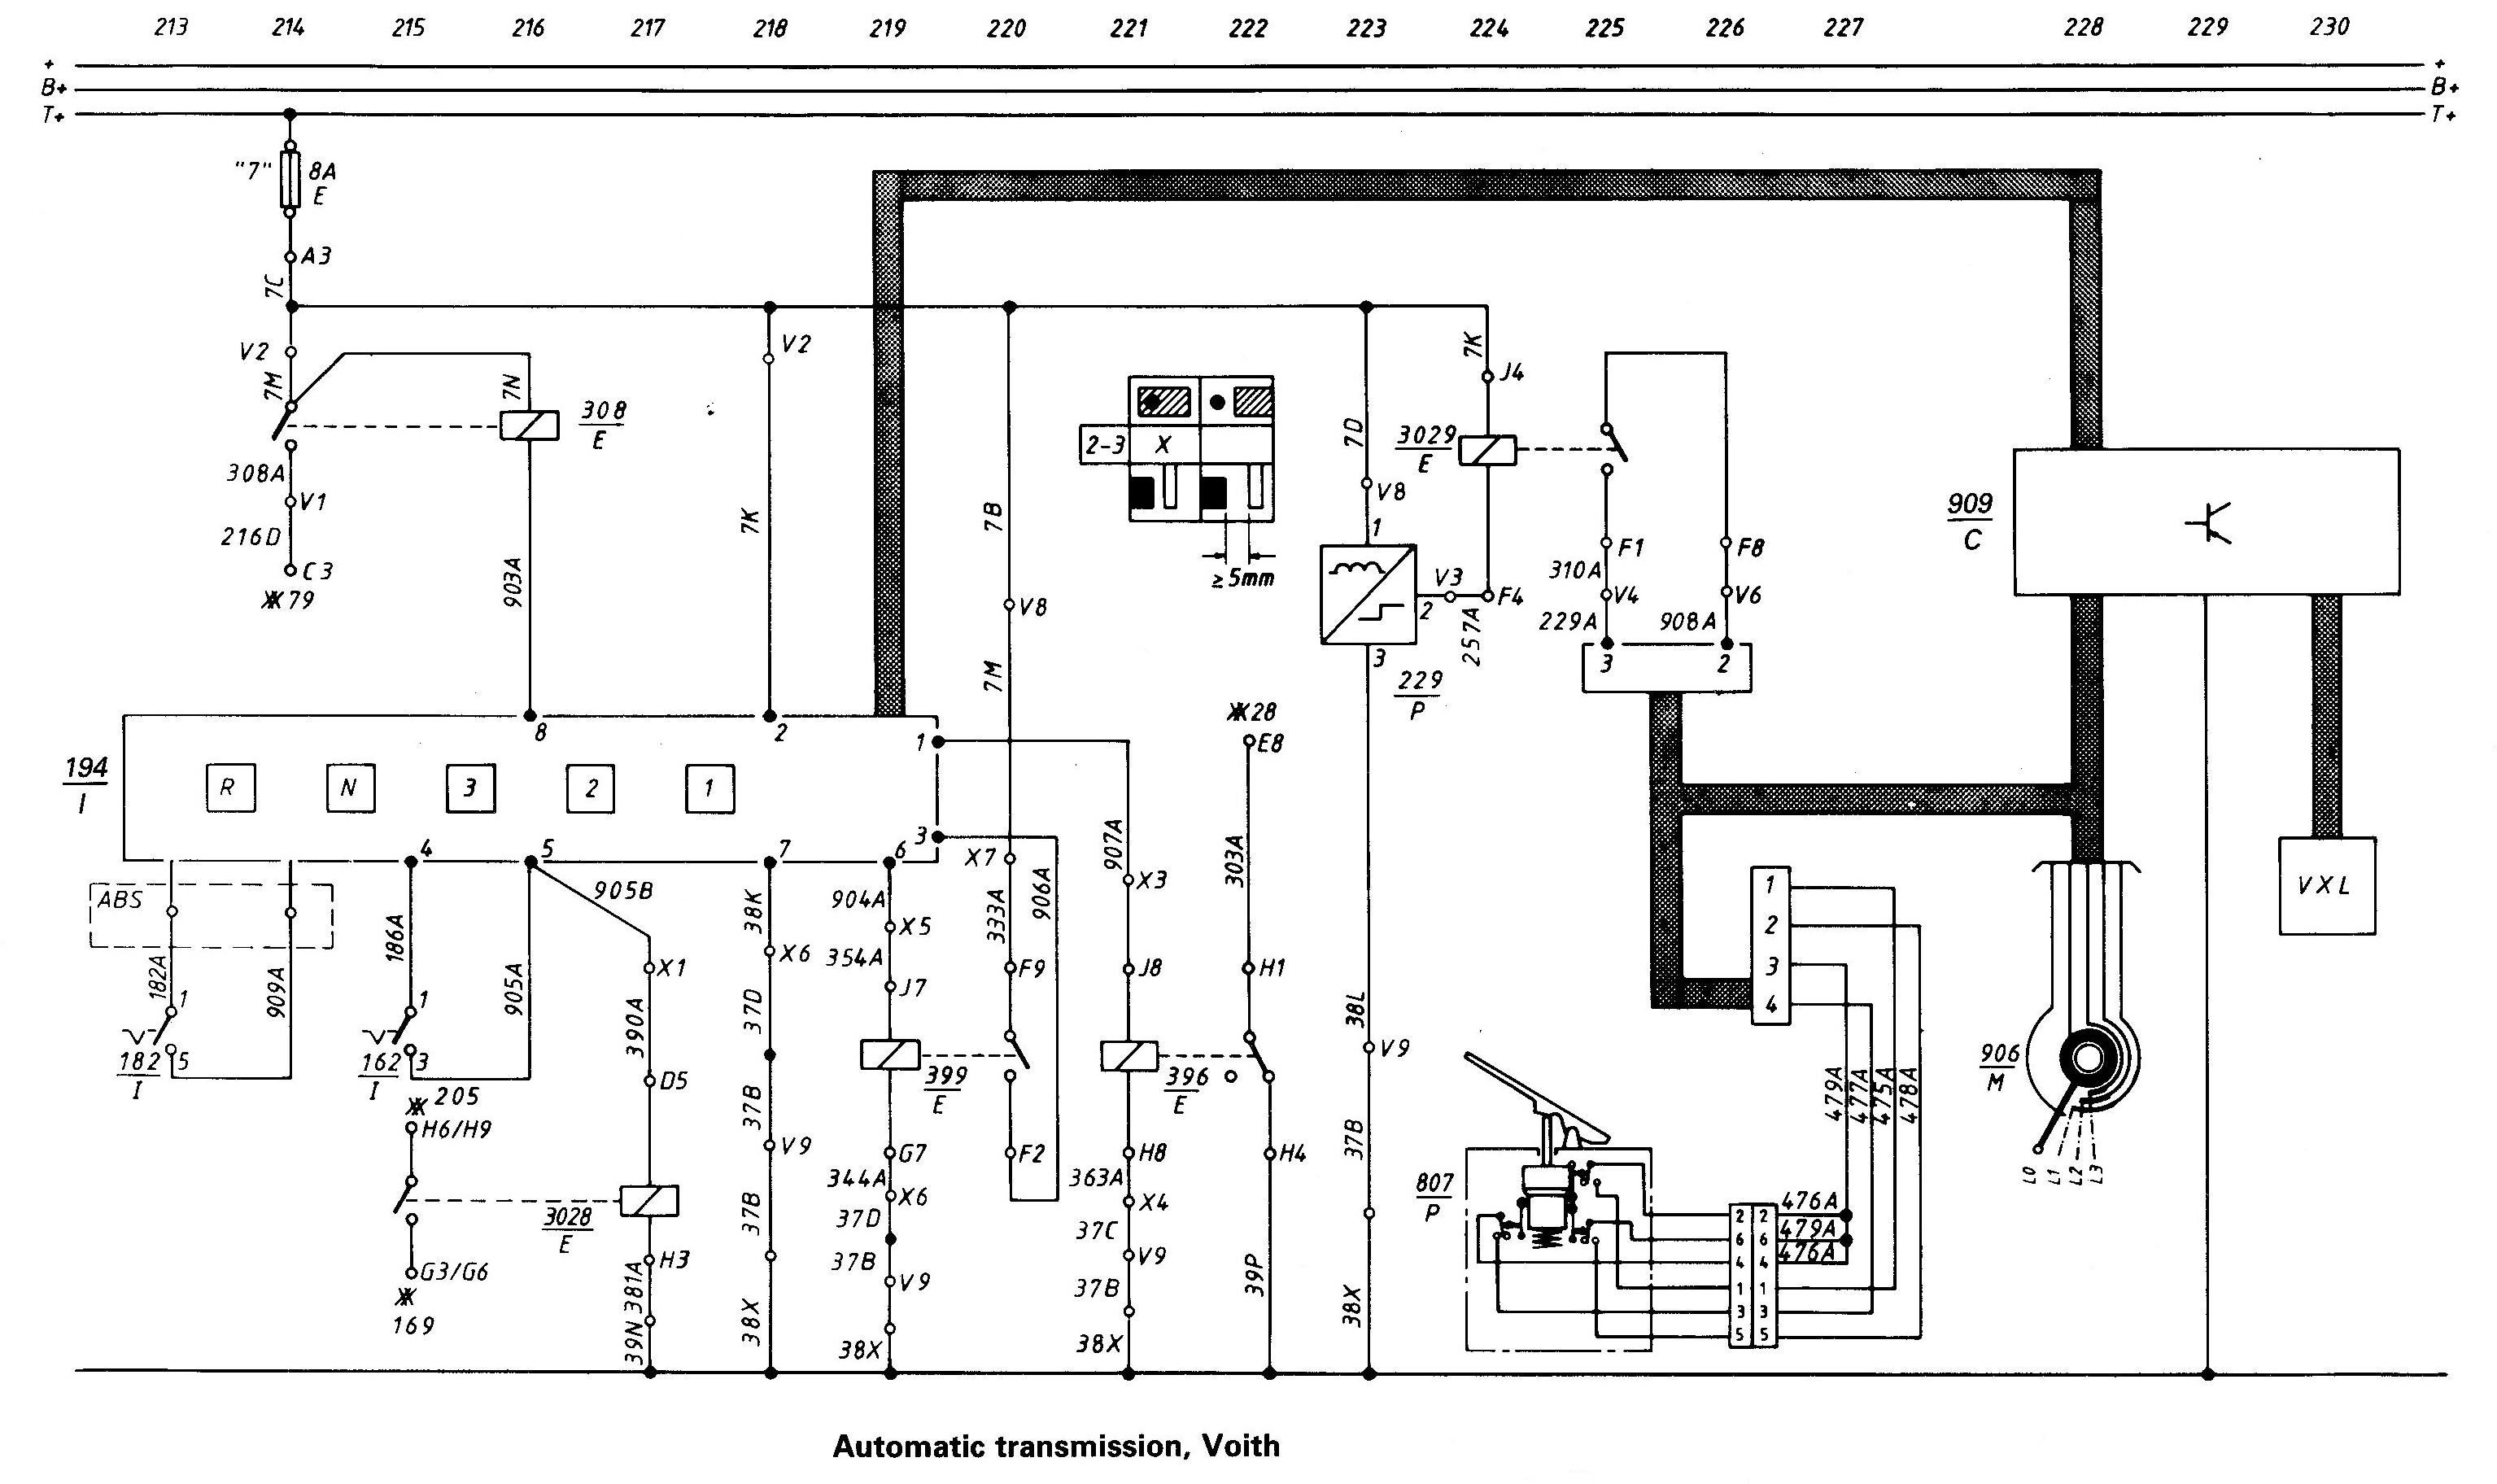 Volvo 9700 Wiring Diagram - Jack Hammer Wiring Diagram -  yamaha-phazer.yenpancane.jeanjaures37.fr | Volvo 9700 Wiring Diagram |  | Wiring Diagram Resource